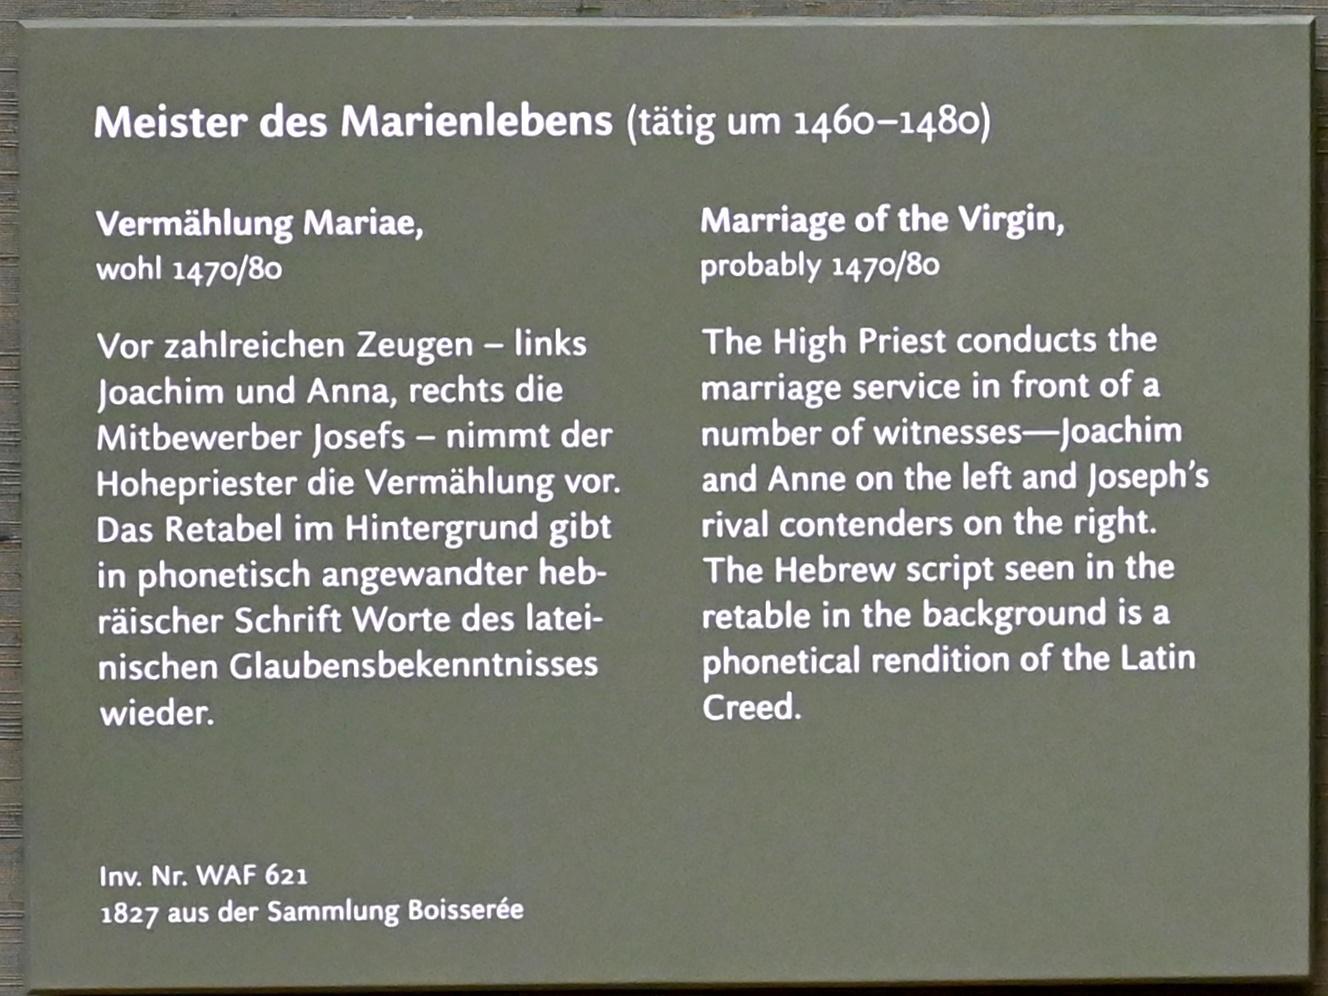 Meister des Marienlebens: Vermählung Mariae, um 1470 - 1480, Bild 2/3